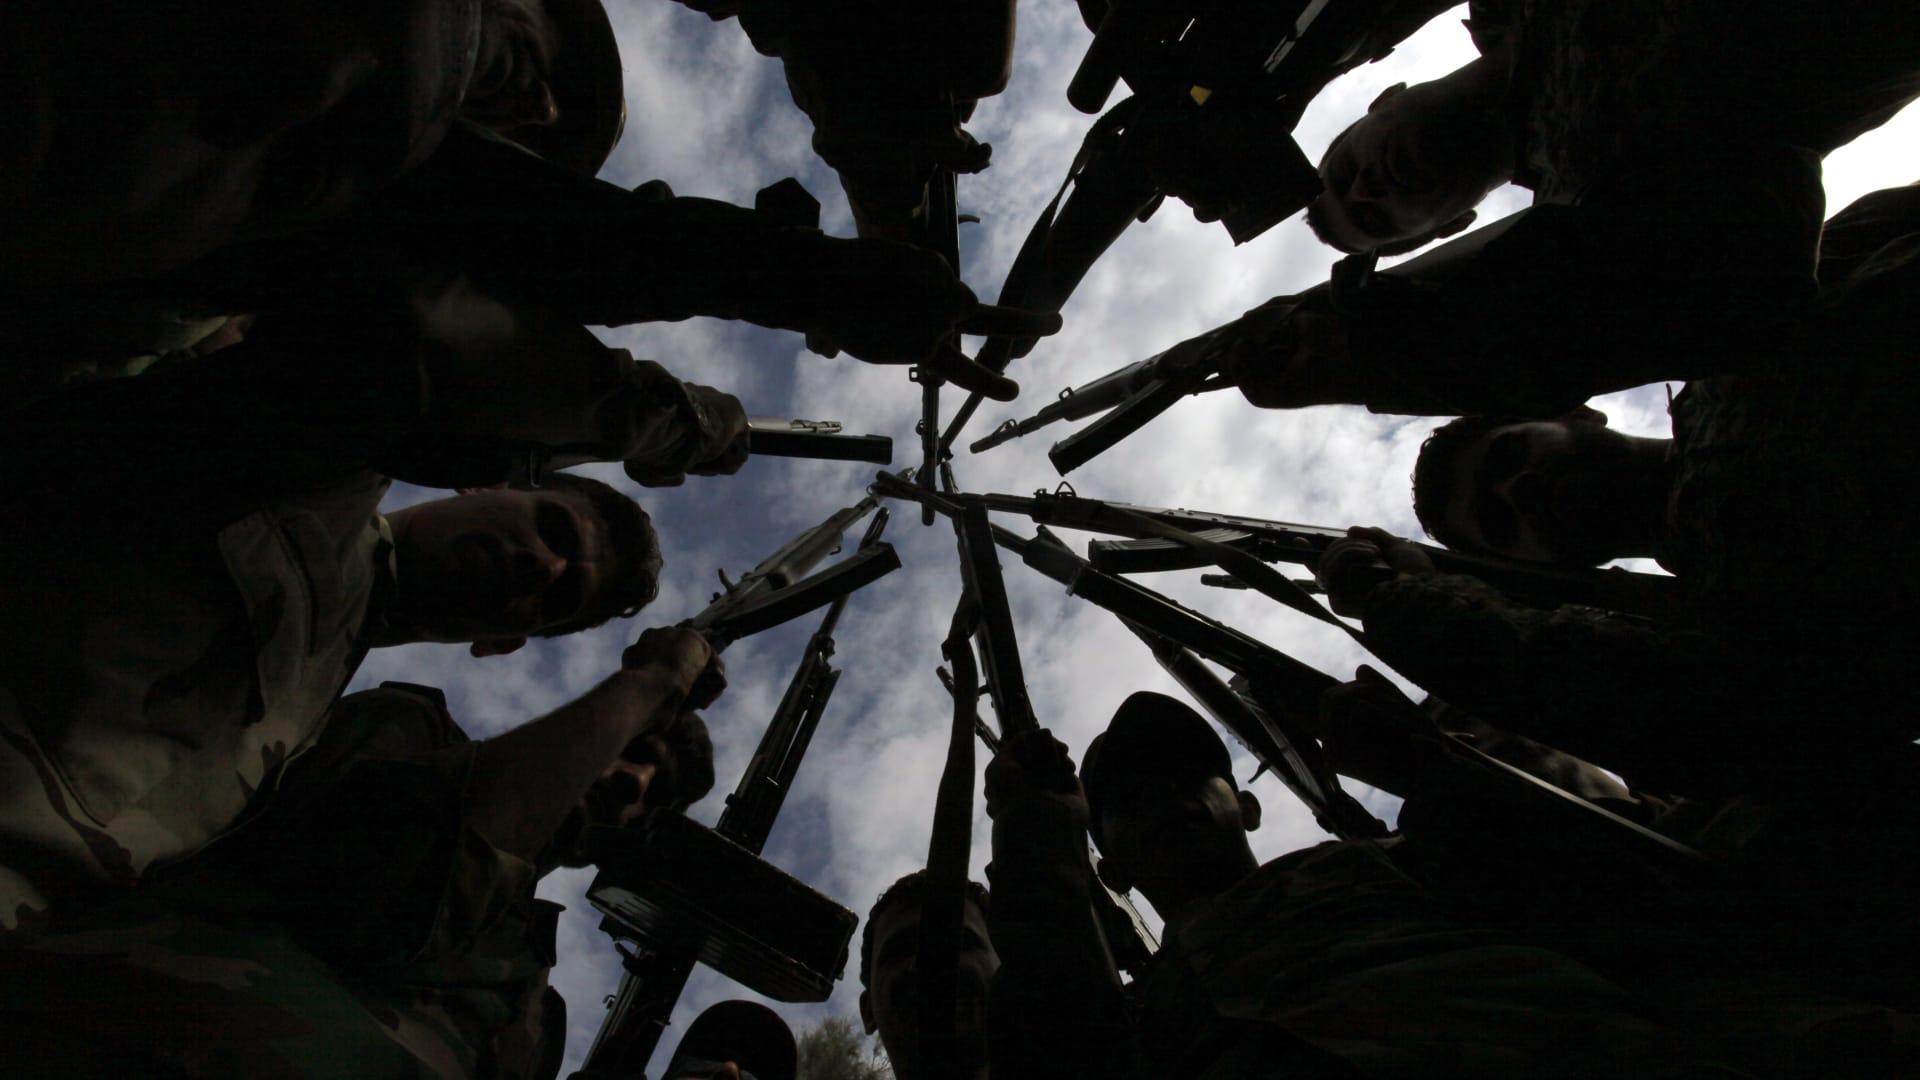 تعرف إلى مطهري القرى من متفجرات داعش.. الأحياء منهم والضحايا